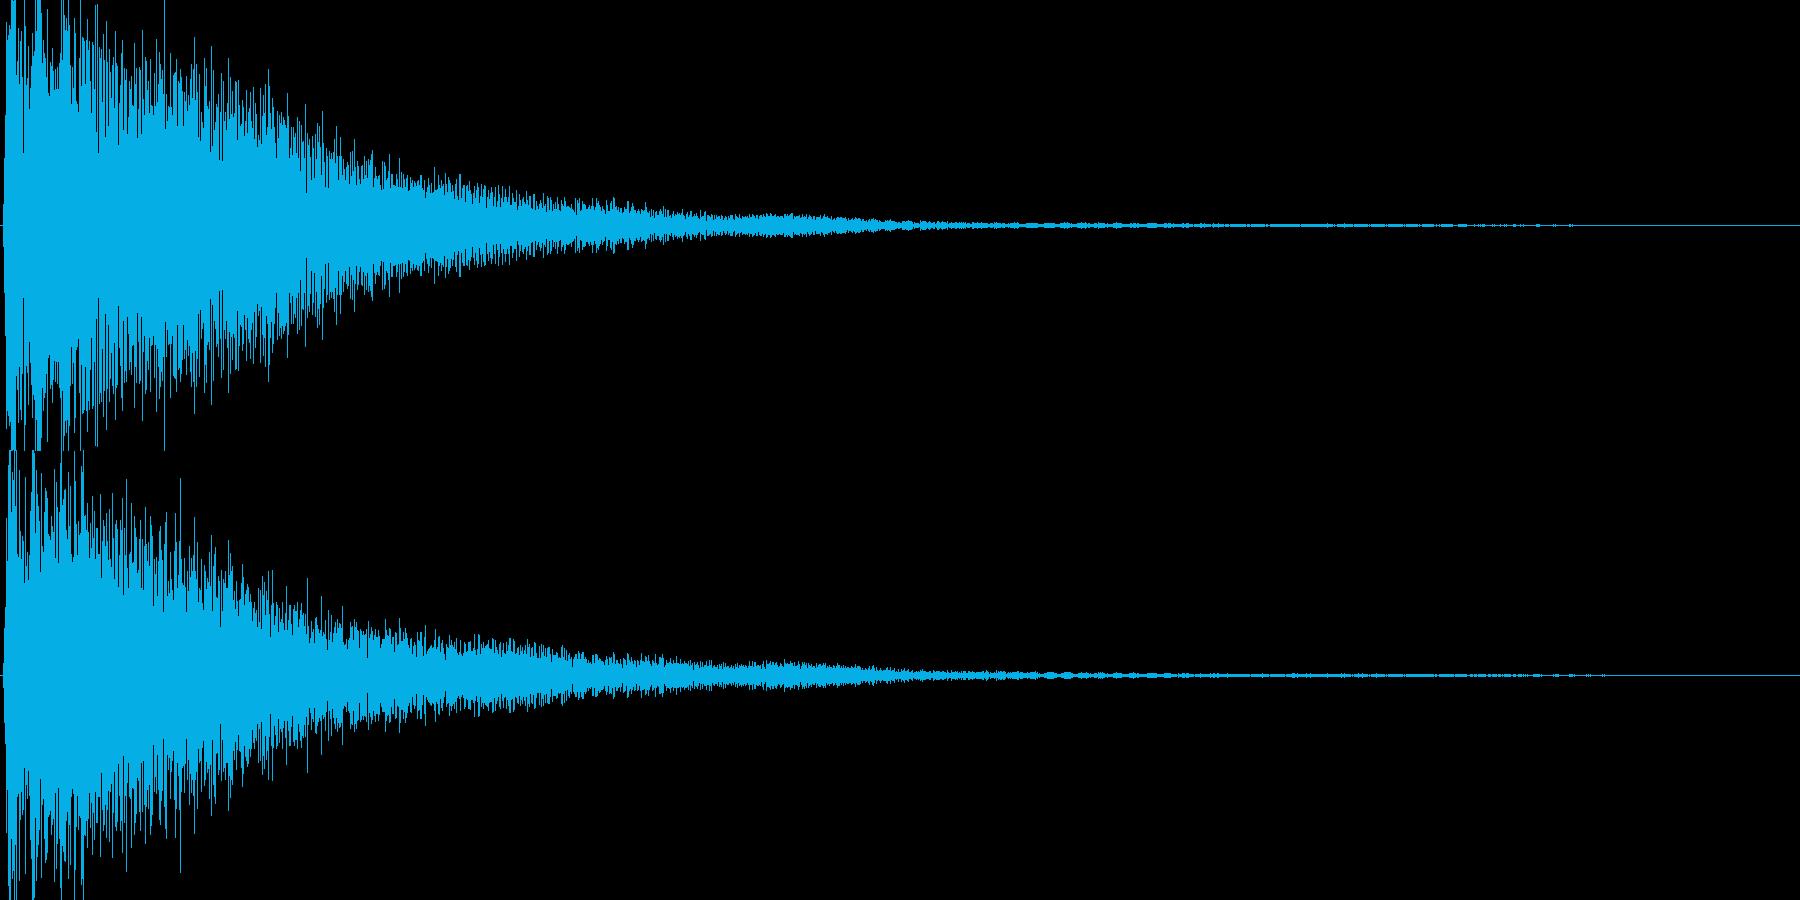 ゲーム(パワーアップ、アイテム入手)などの再生済みの波形